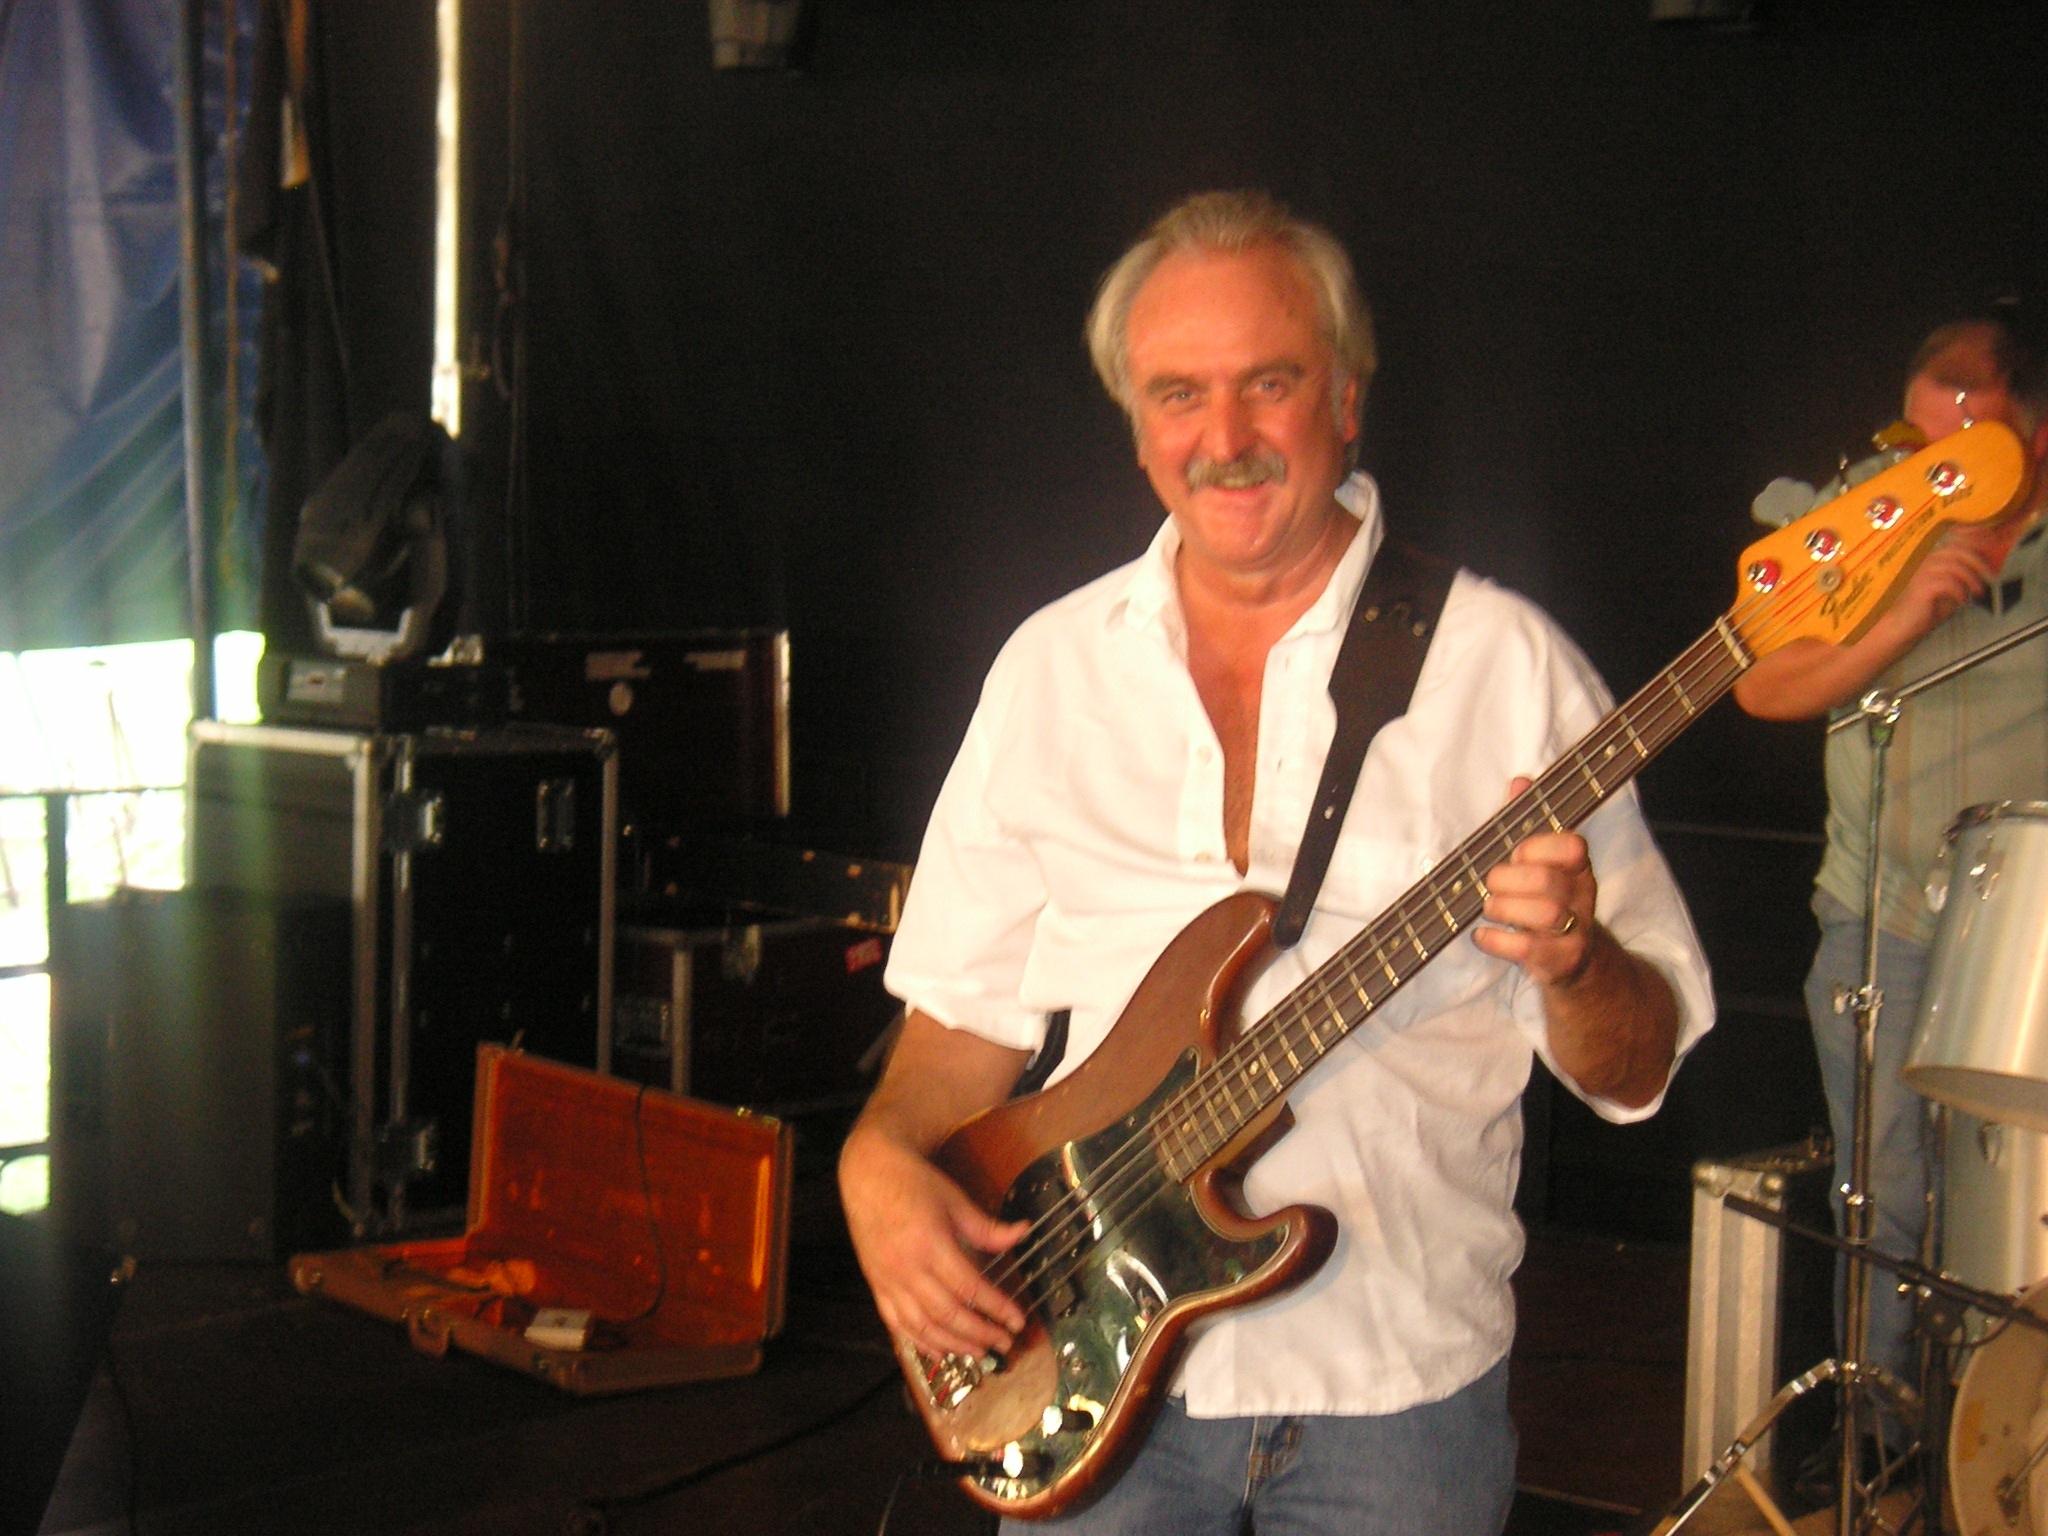 Martin mit Gitarre